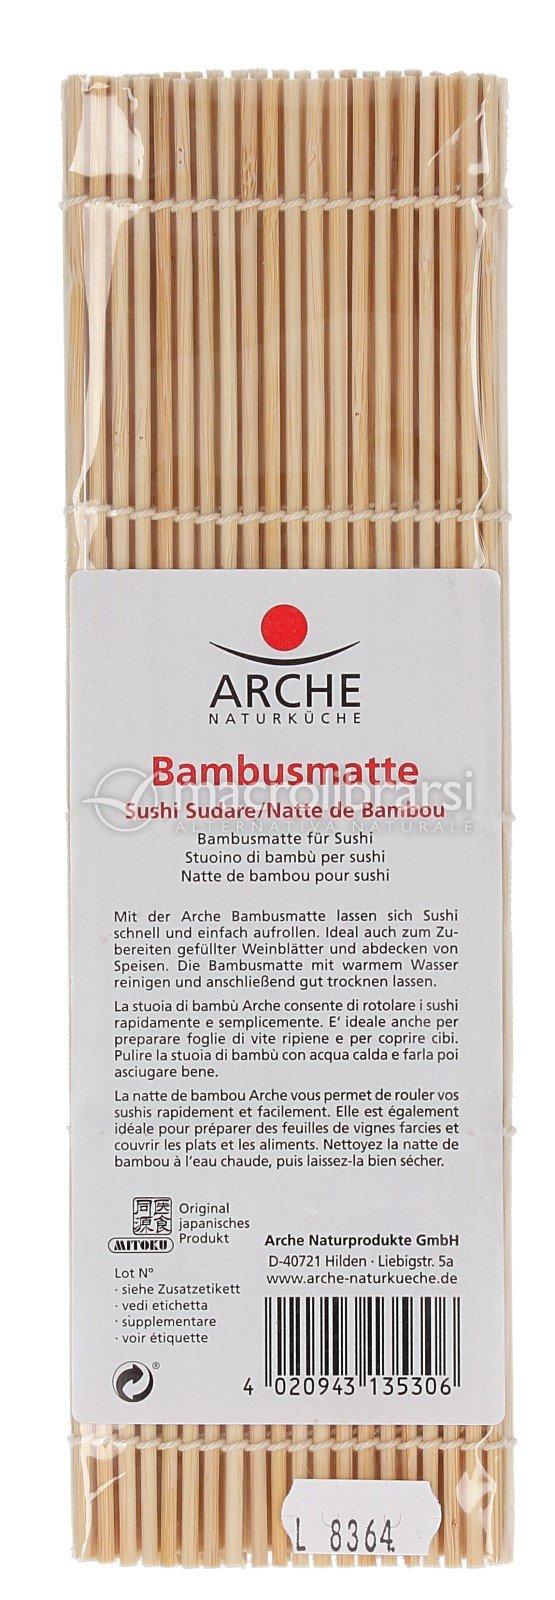 Stuoino Di Bambu Per Sushi Bambusmatte Arche Naturkuche